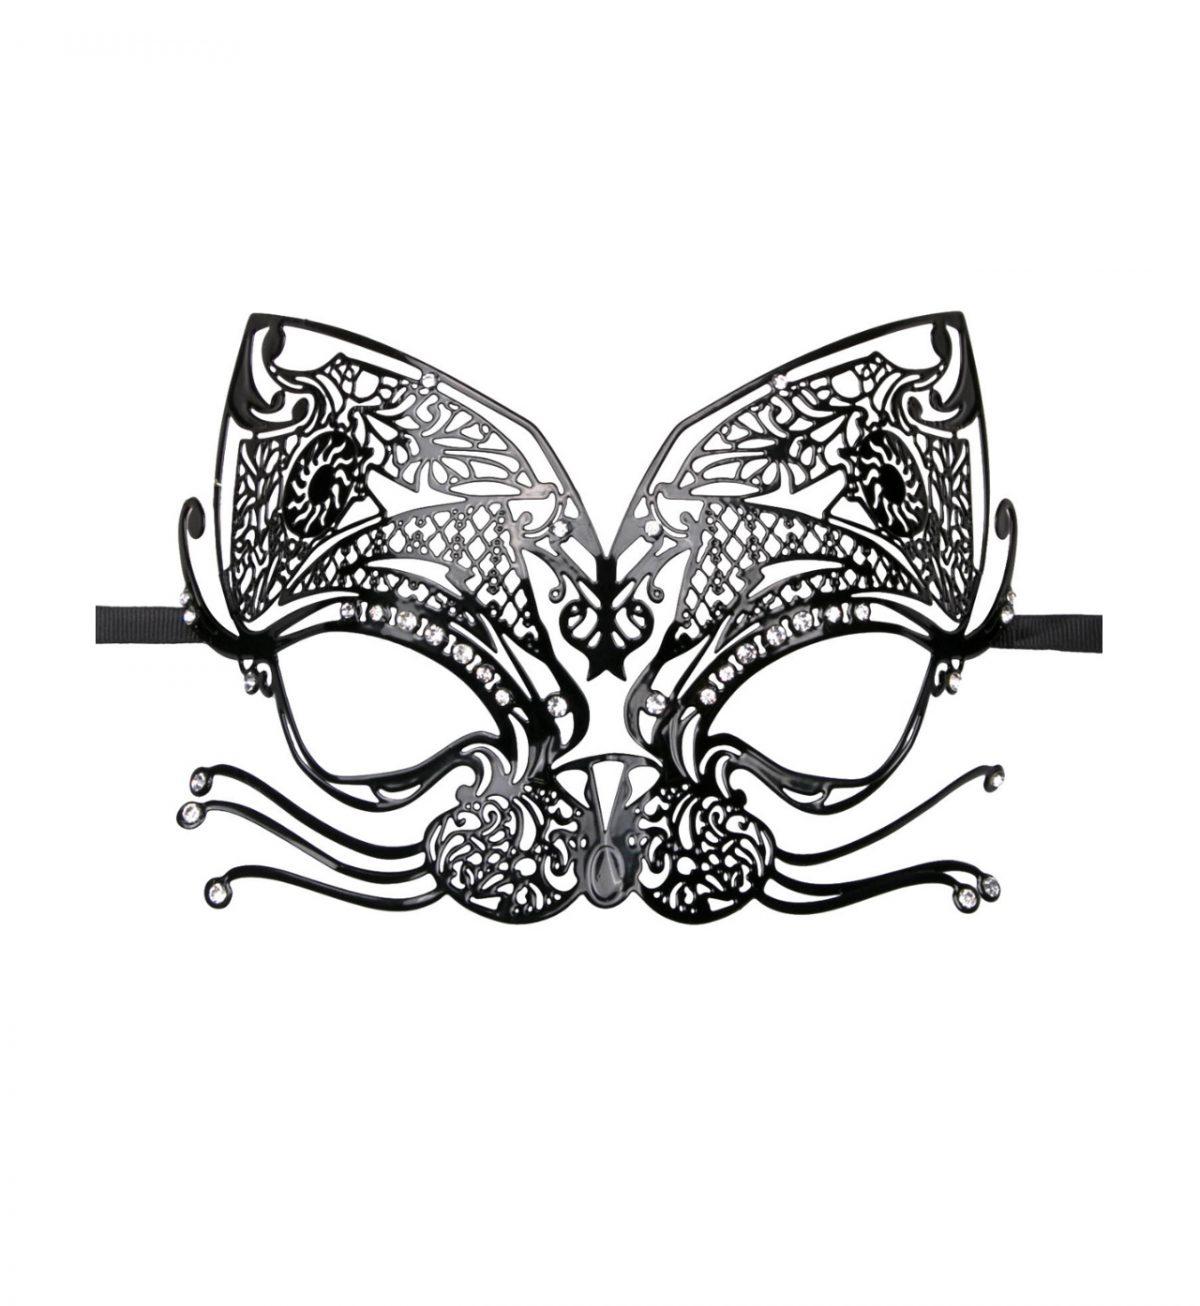 Metal Mask Cat – Svart - svart utkledningsmaske i metall - Easytoys